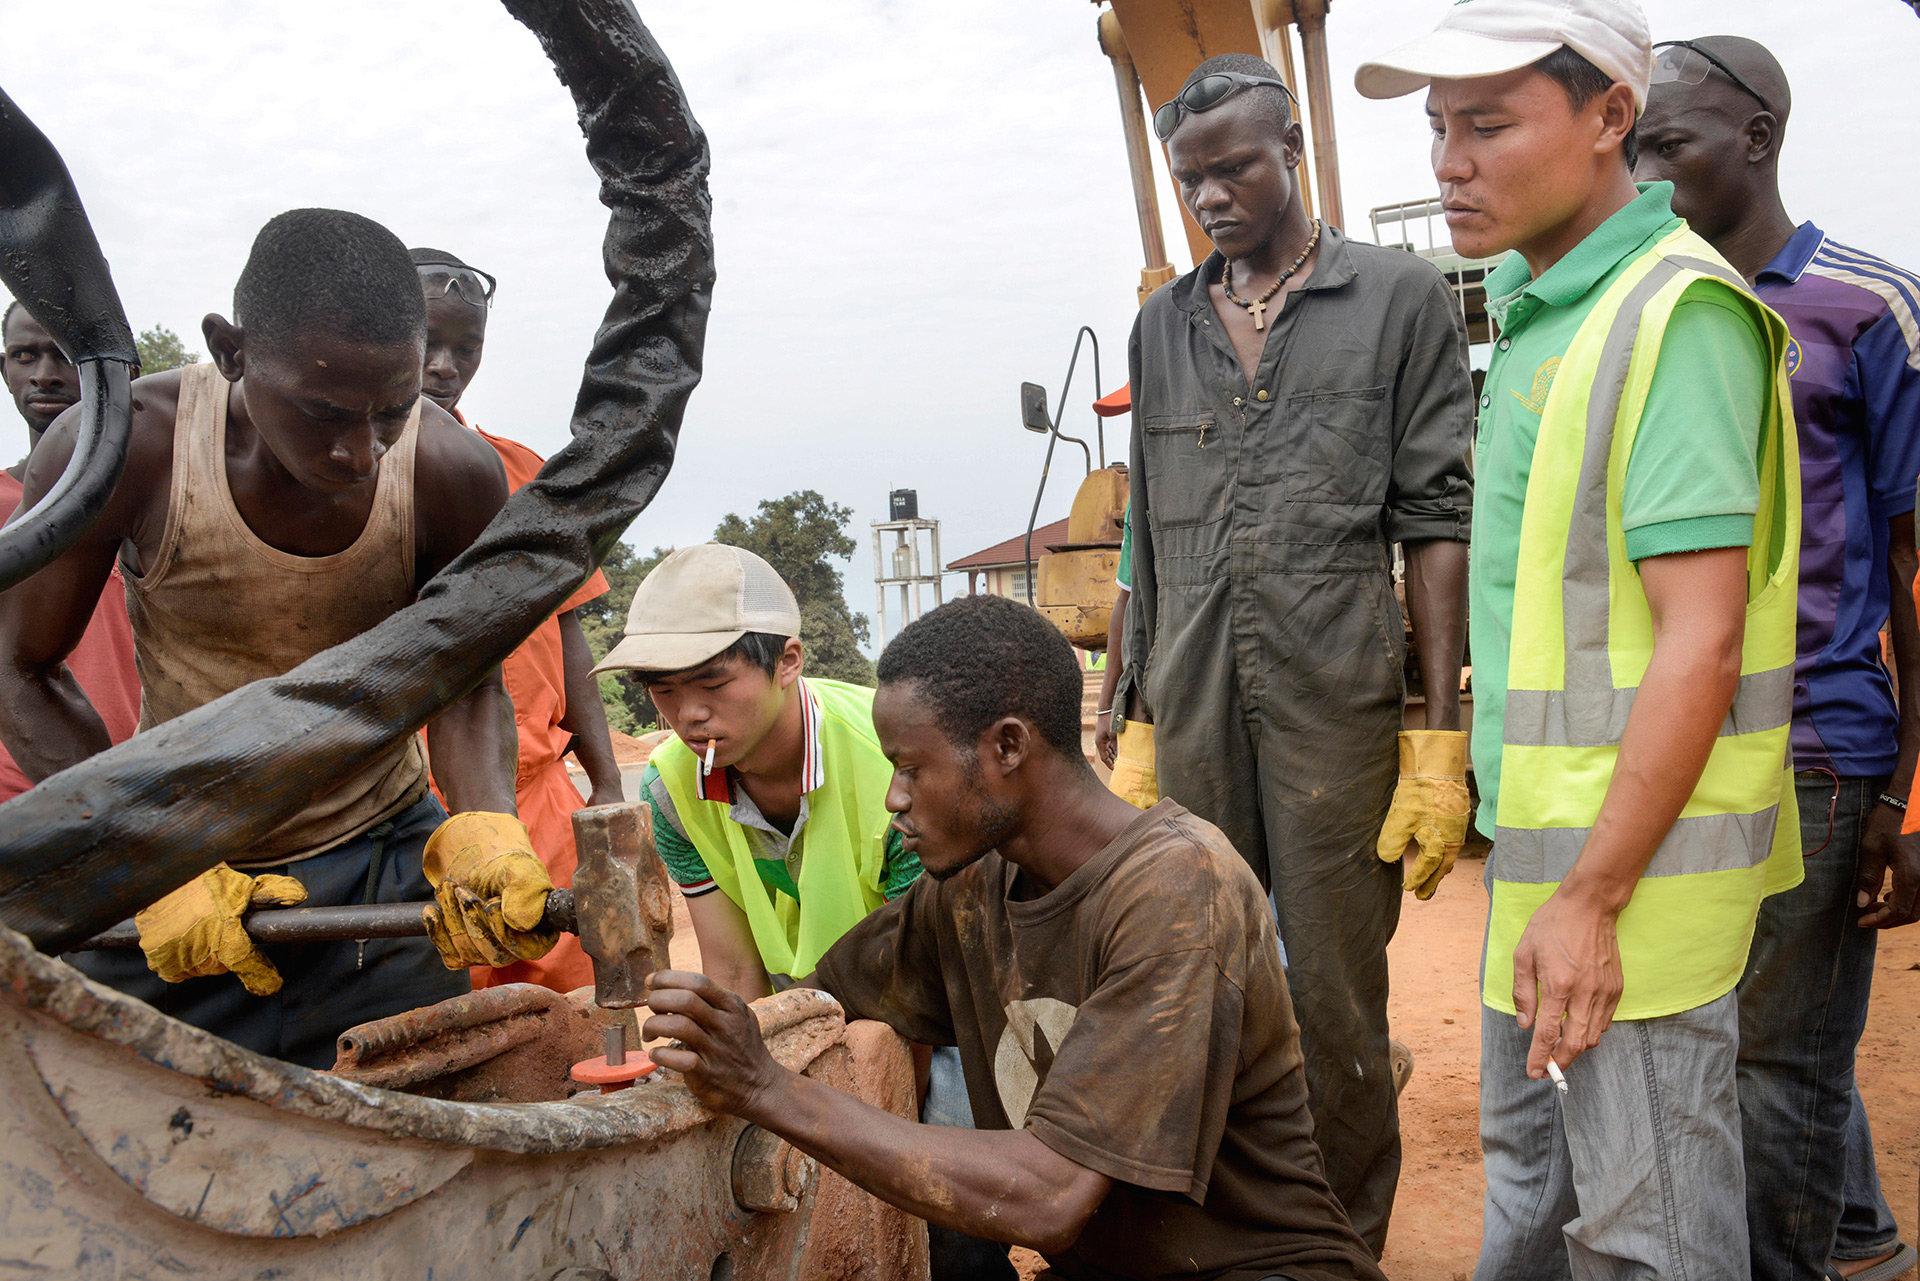 Chinesische Ingenieure auf einer Baustelle in Afrika